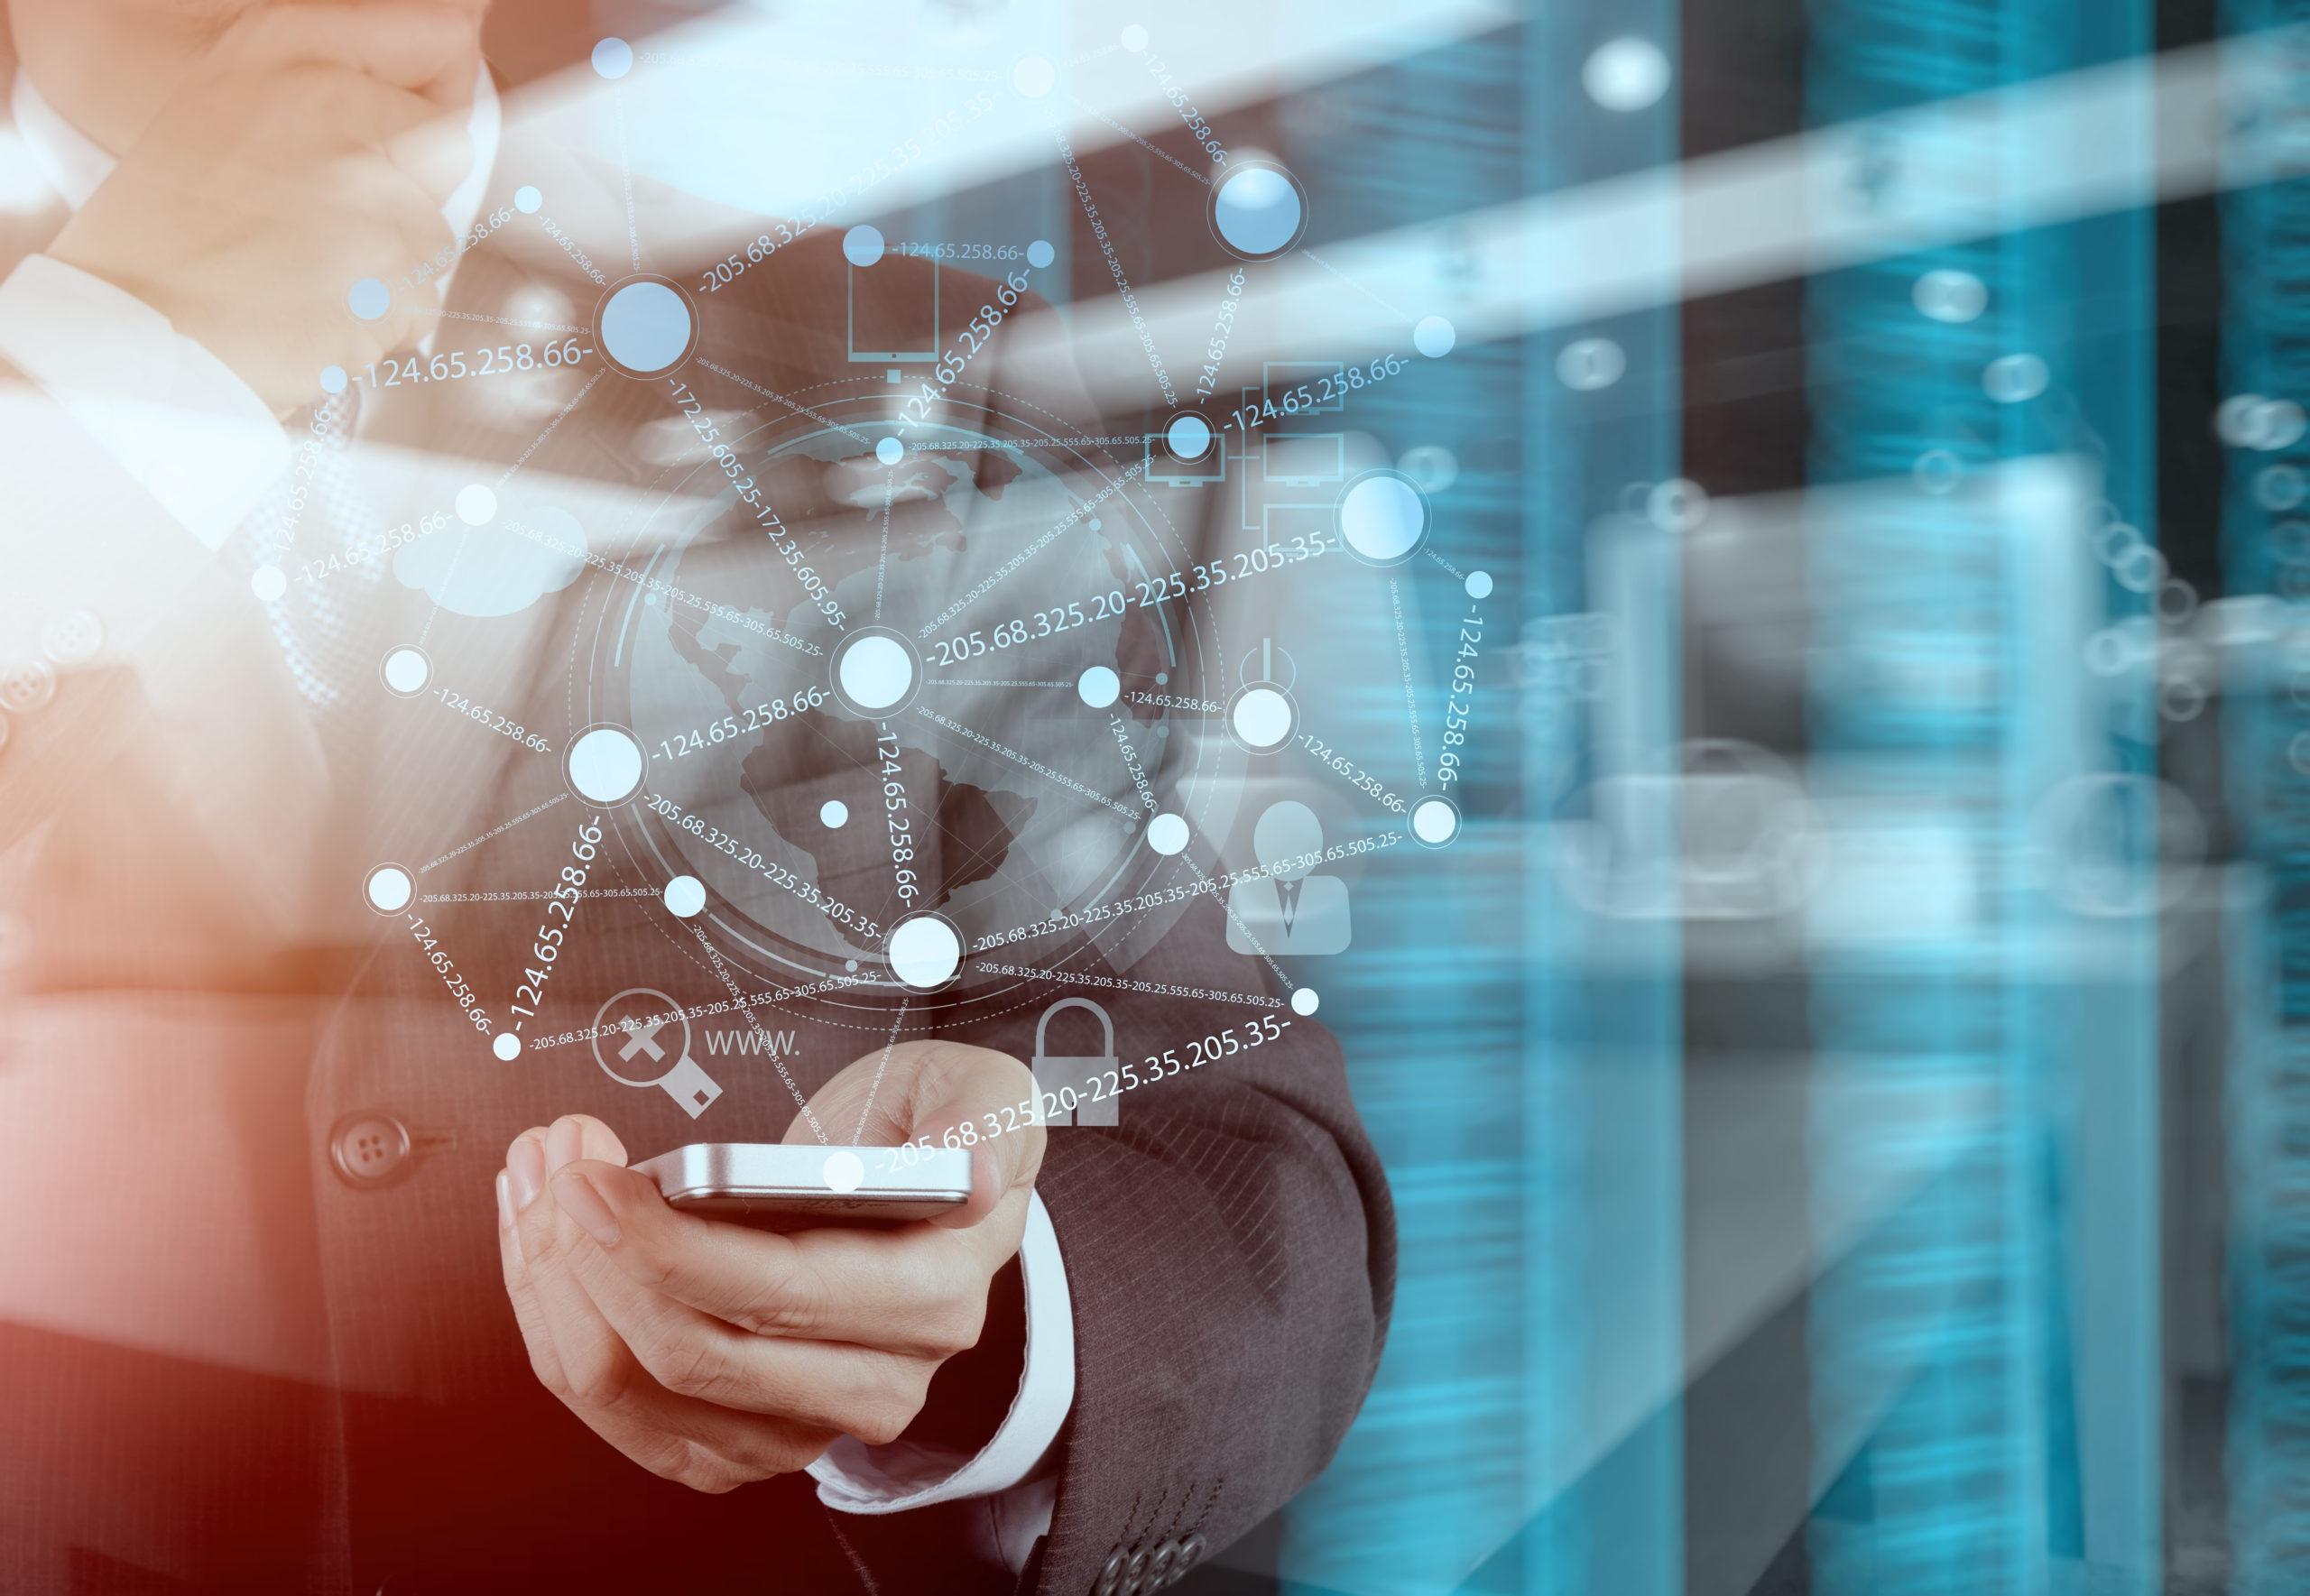 Behördengänge digital erleichtern